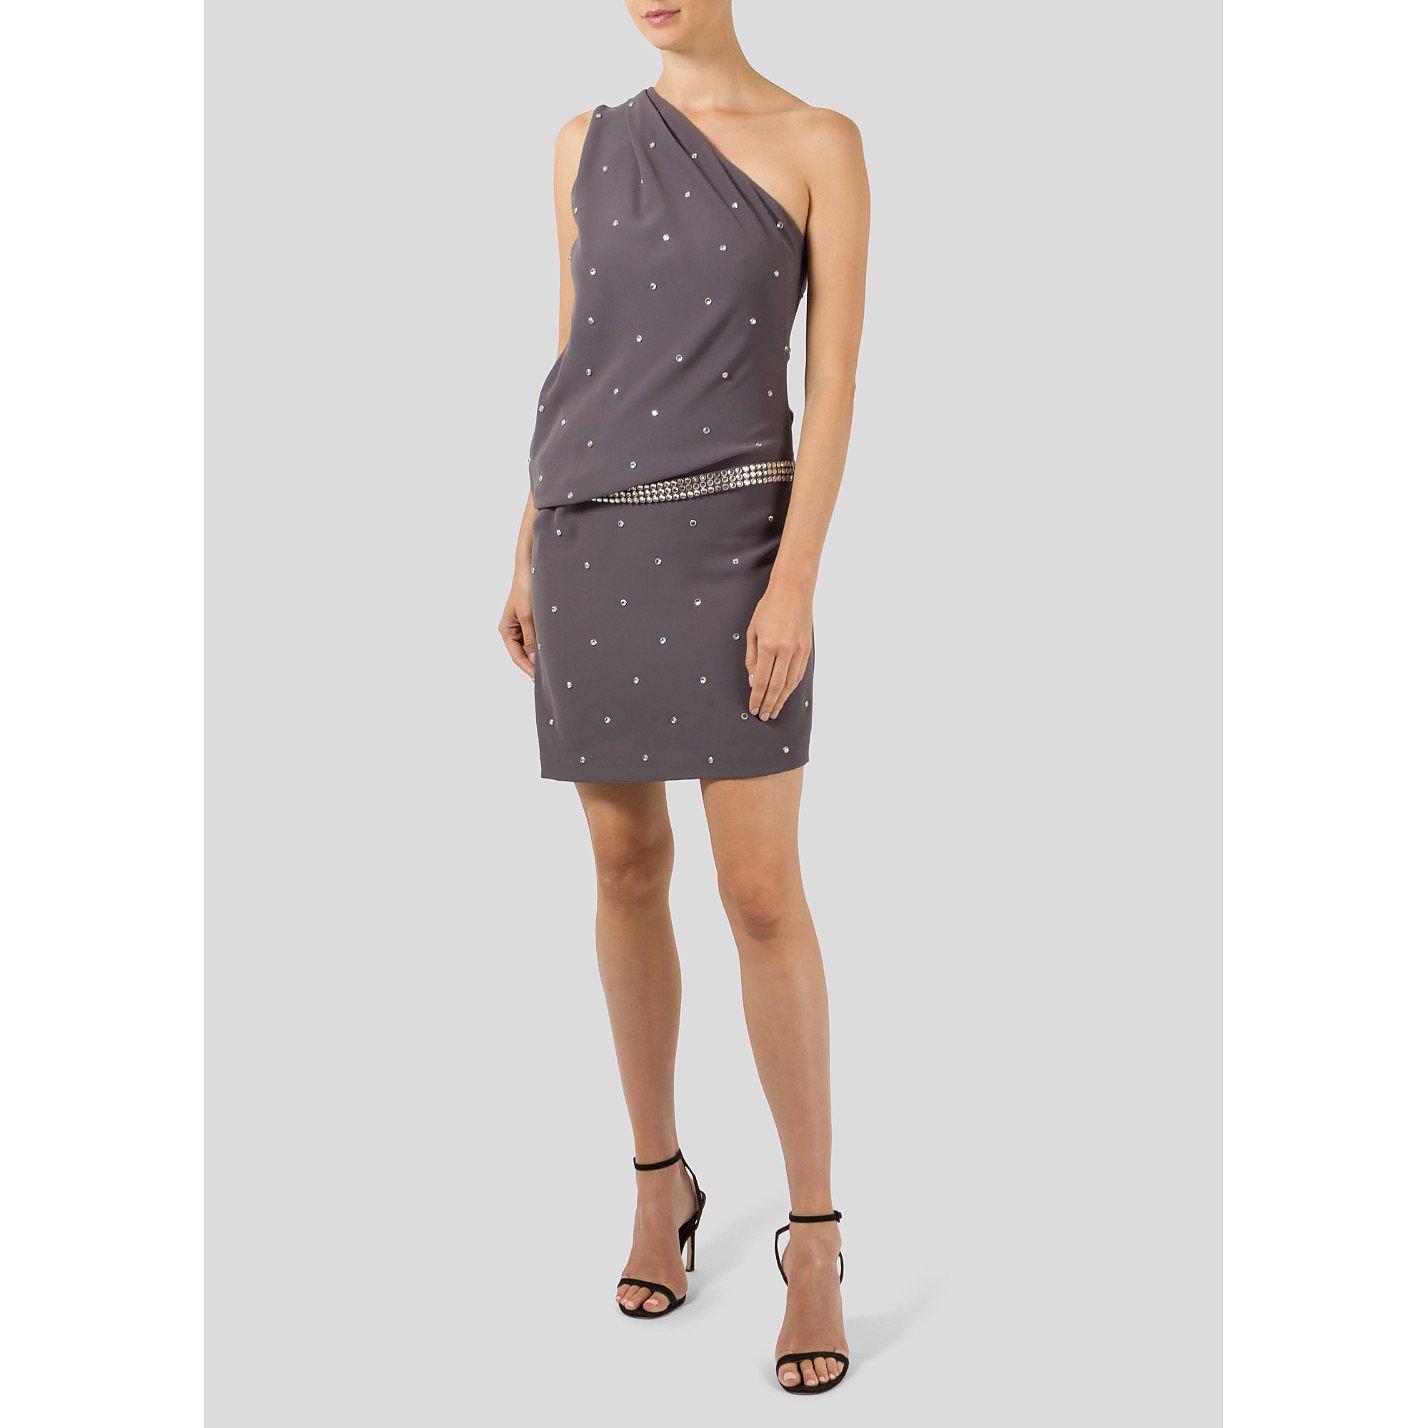 Roberto Cavalli Embellished One-Shouldered Dress